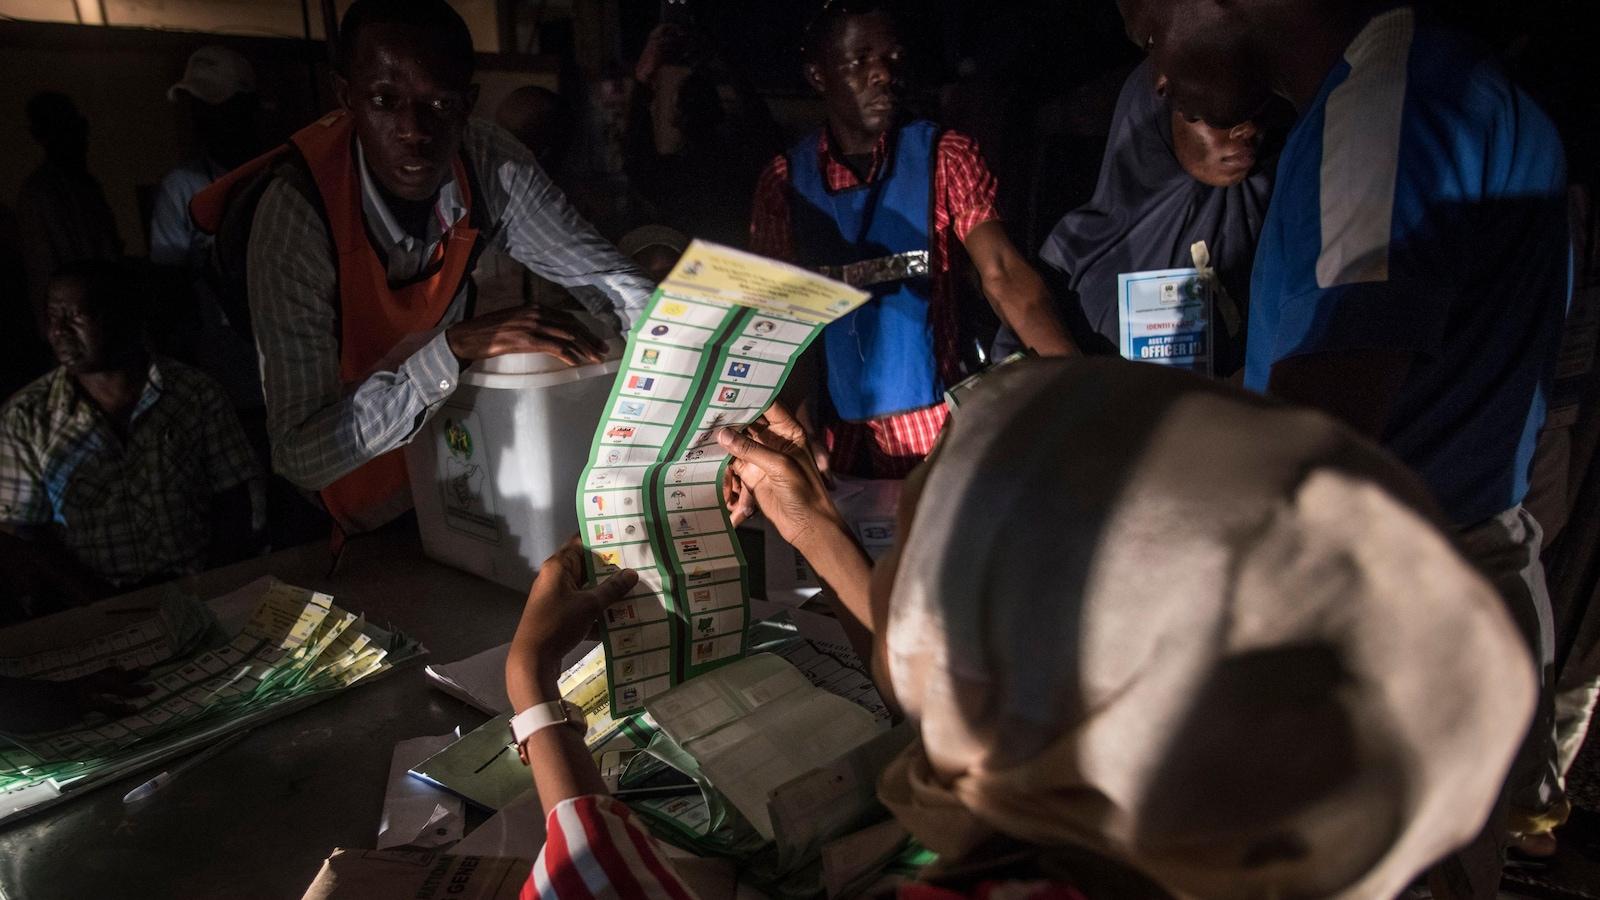 Une femme regarde un bulletin de vote alors que d'autres personnes s'affairent autour d'elle dans une pièce plongée dans la pénombre.